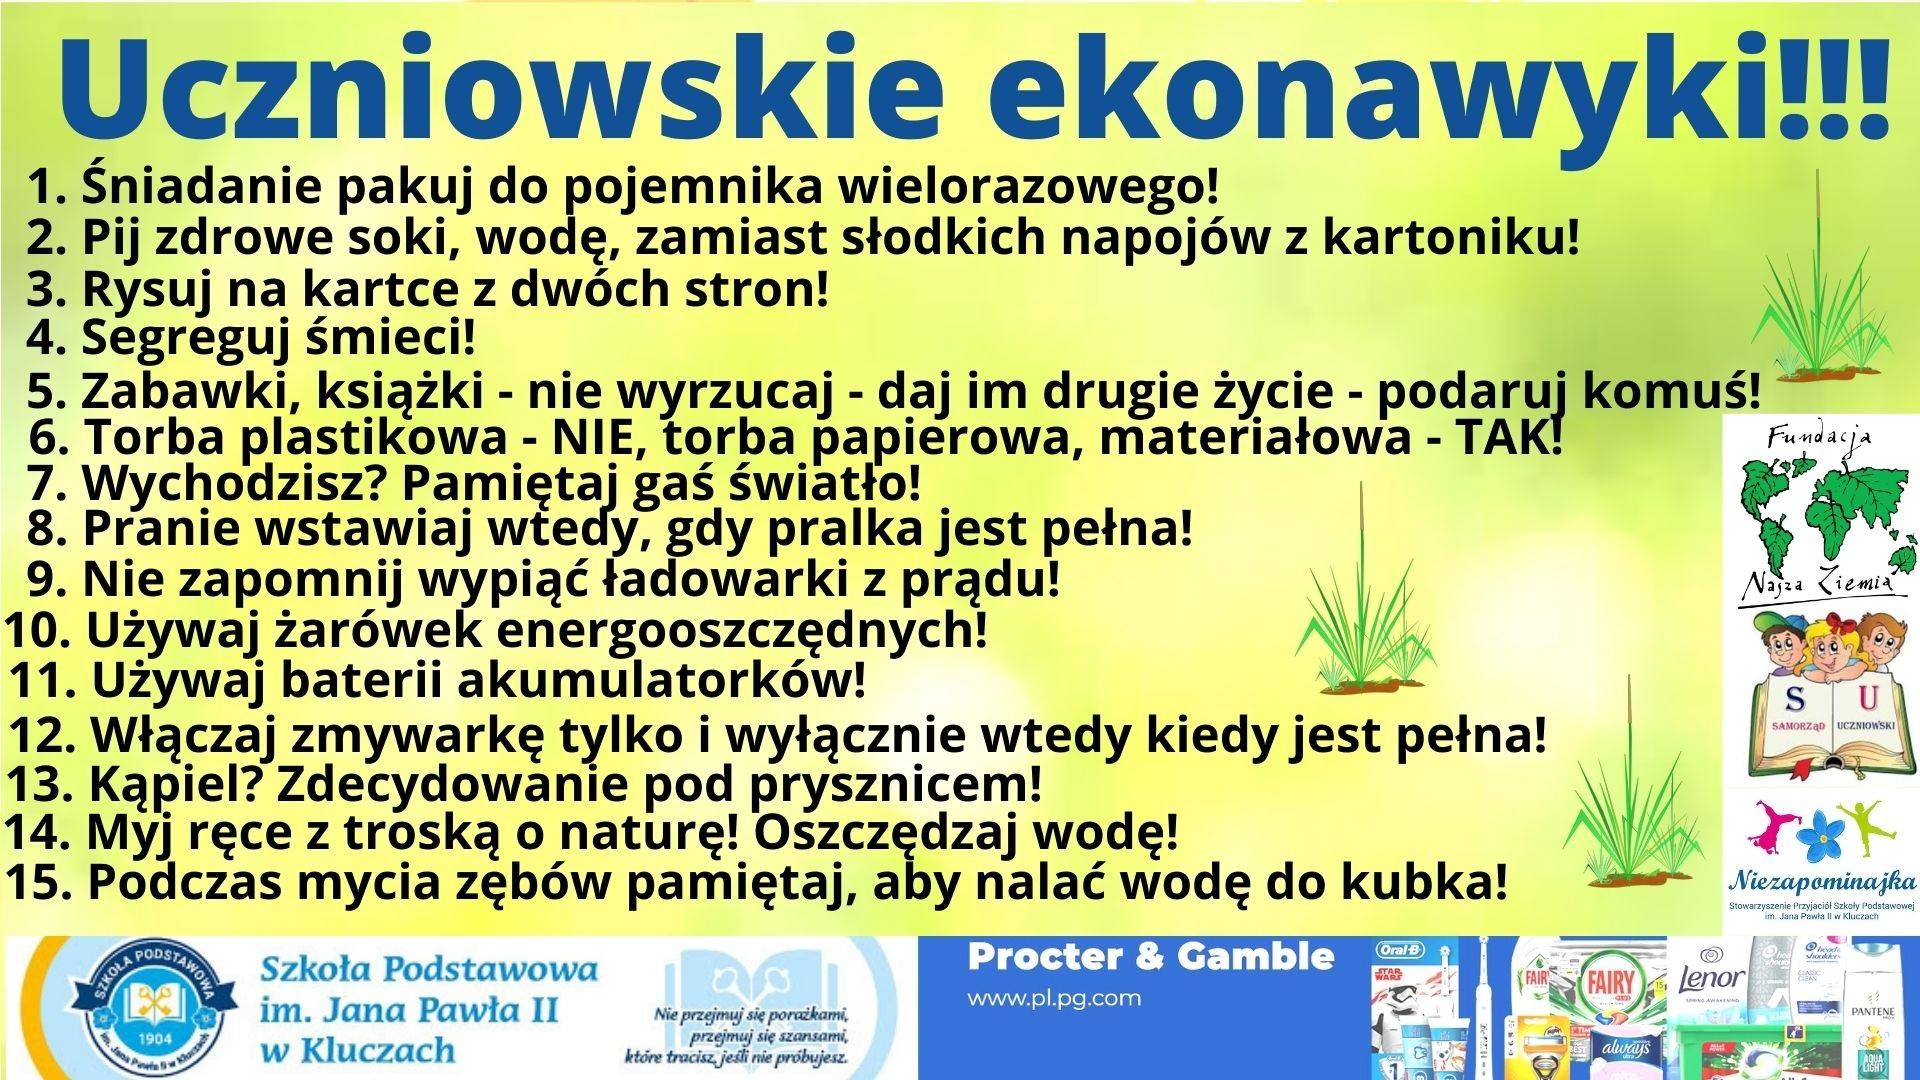 plakat onformujący o uczniowskich ekonawykach